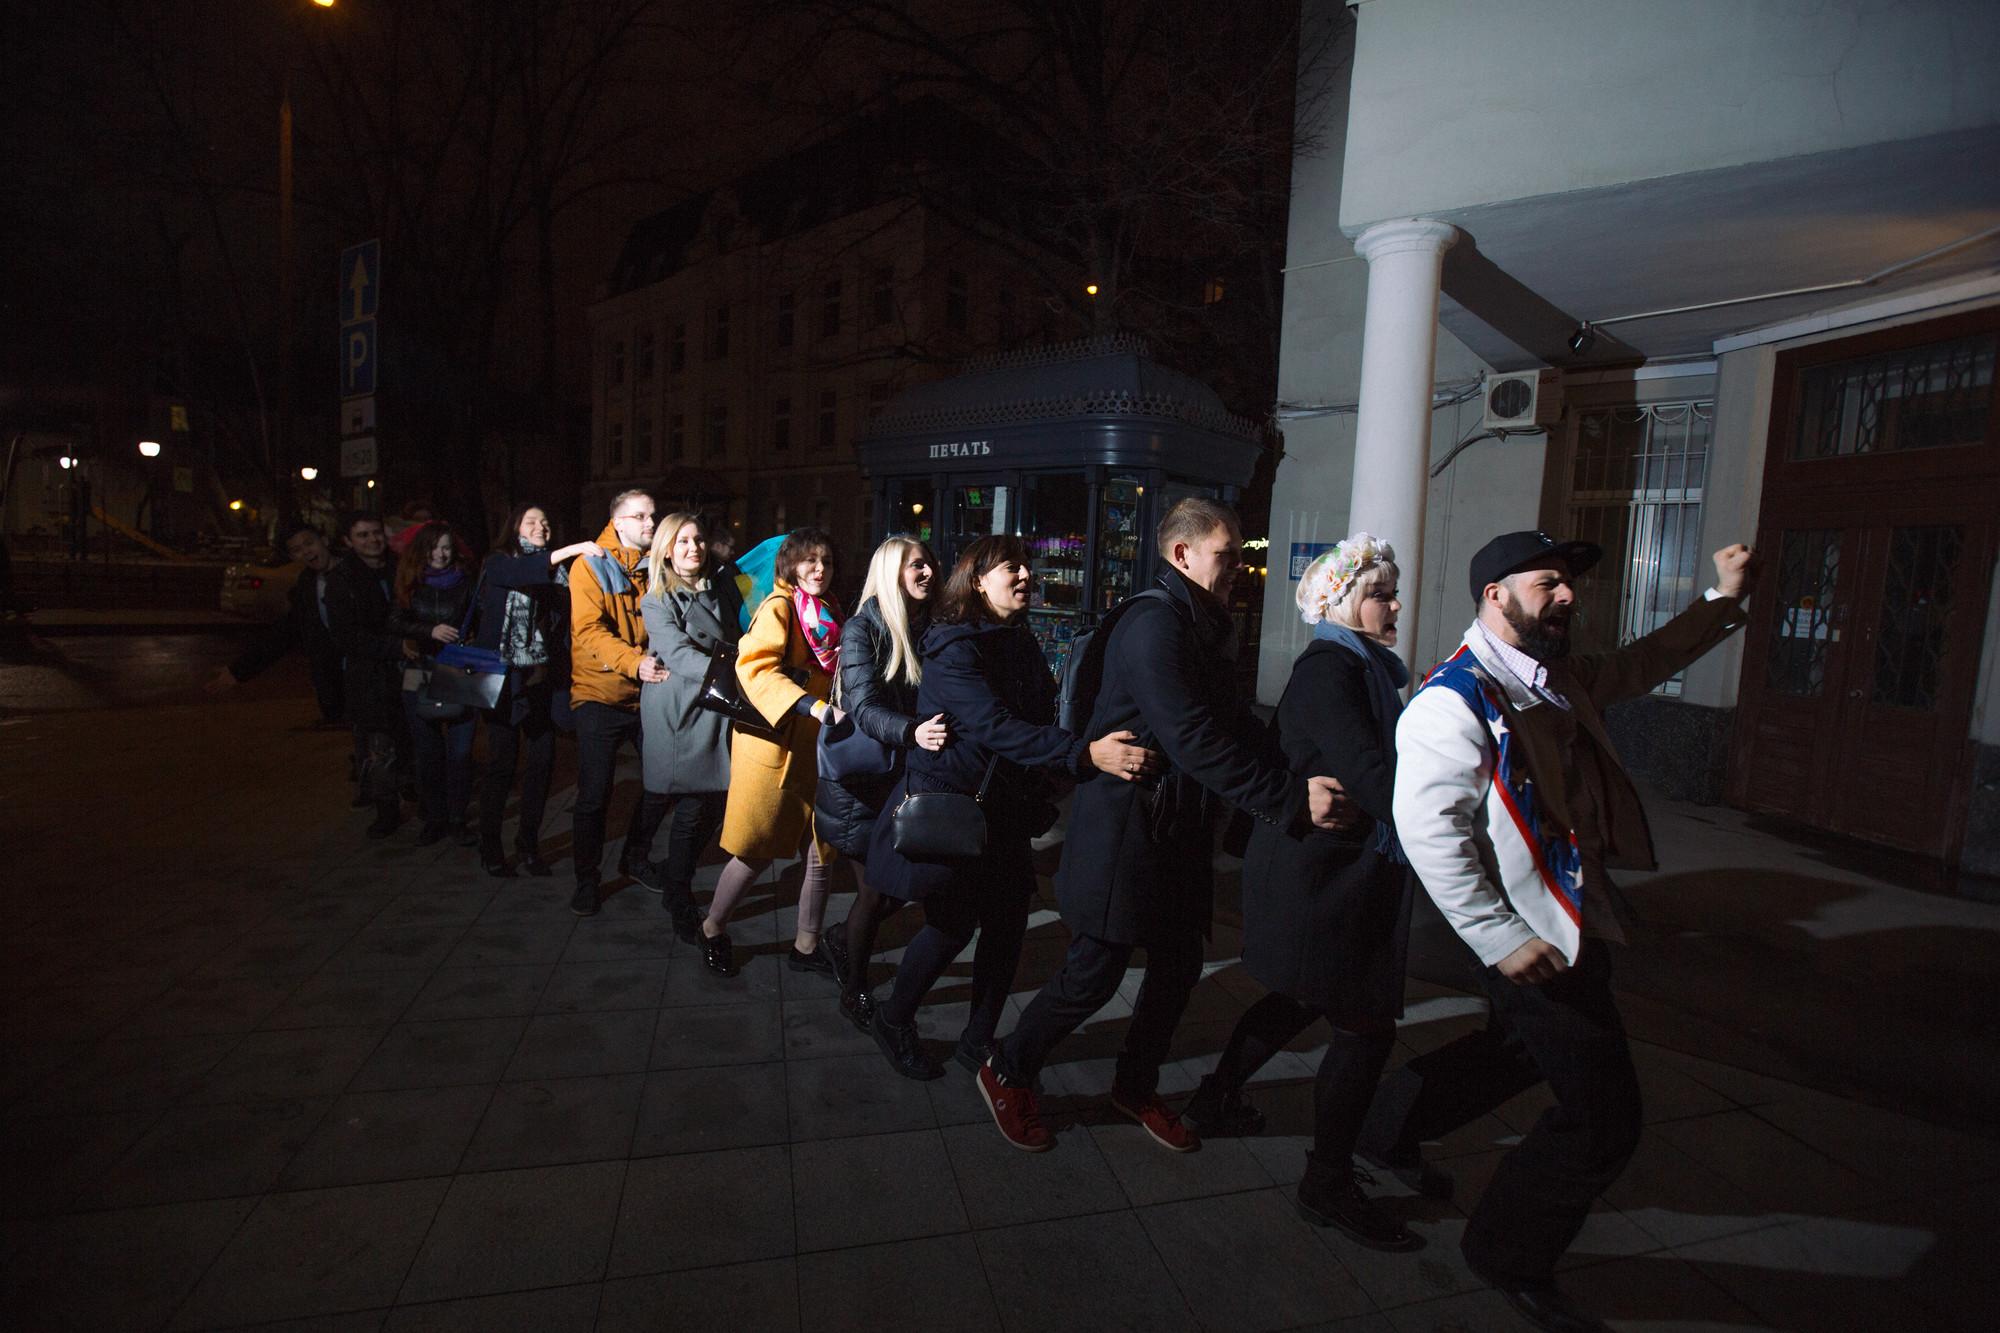 Клубы в москве где можно познакомиться хороший клуб москва чтобы потанцевать